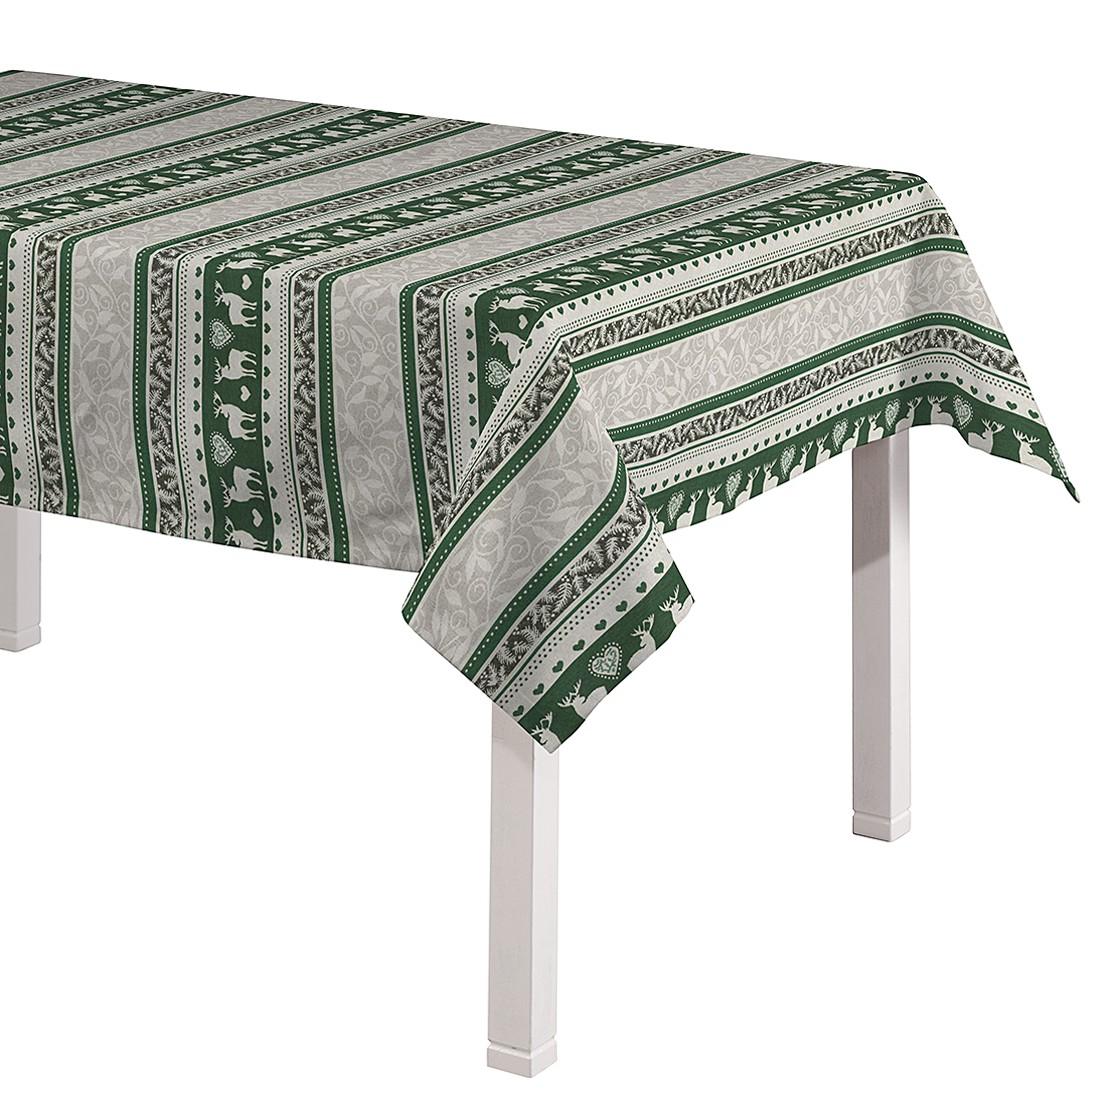 Tischdecke Renntier – Grün – 130 x 130 cm, Dekoria online kaufen